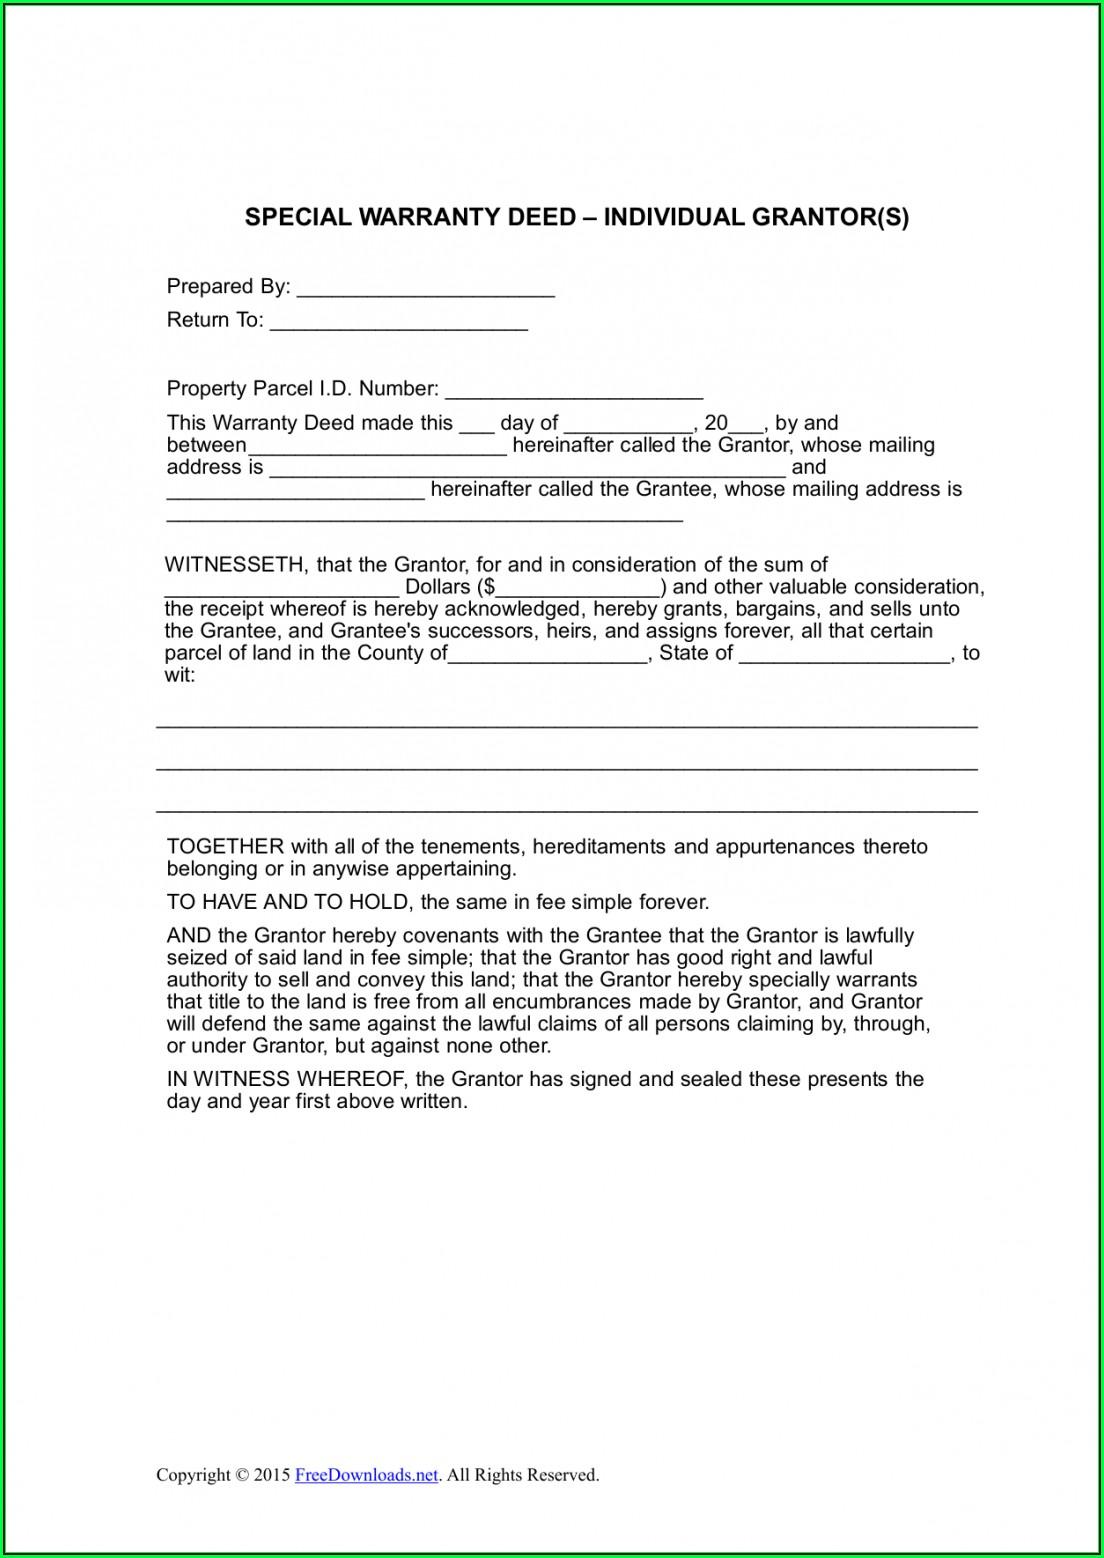 Michigan Special Warranty Deed Form